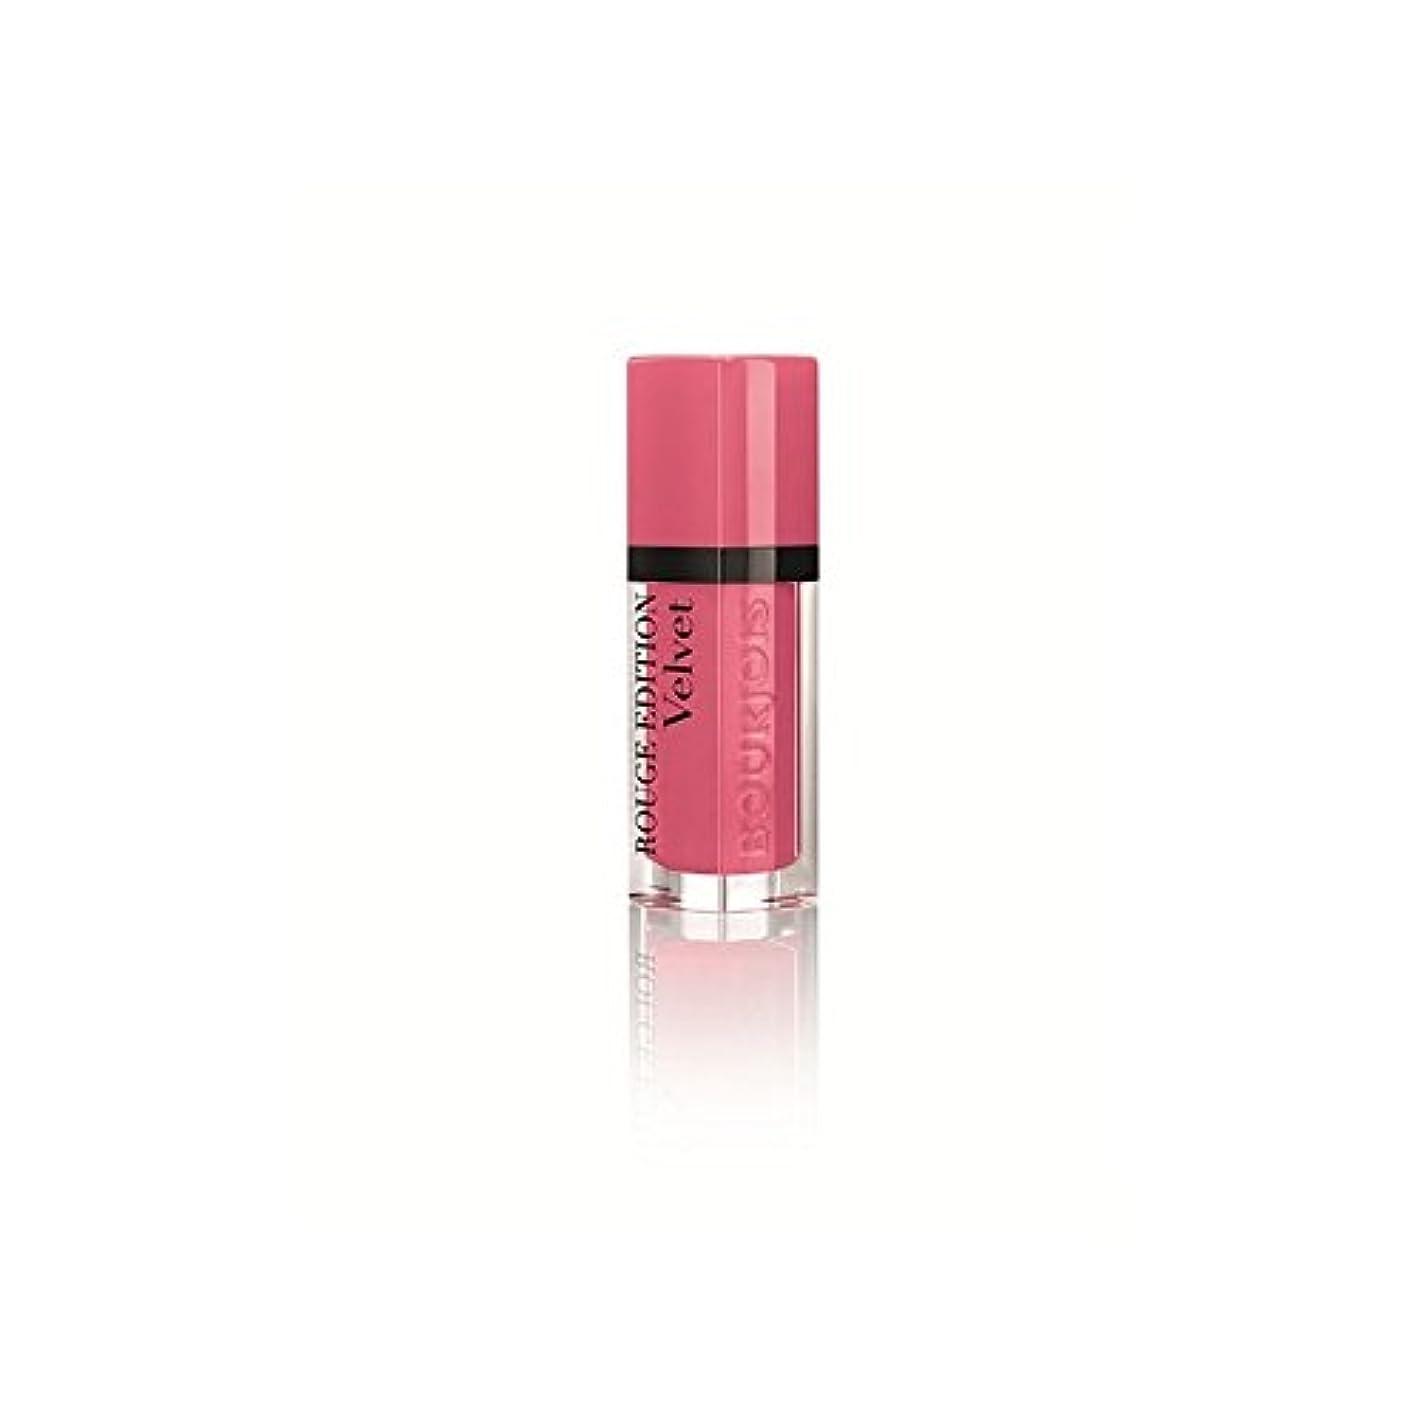 ドライ問い合わせるメドレーBourjois Rouge Edition Velvet Lipstick So Hap'pink 11-11そう'ブルジョワルージュ版のベルベットの口紅 [並行輸入品]